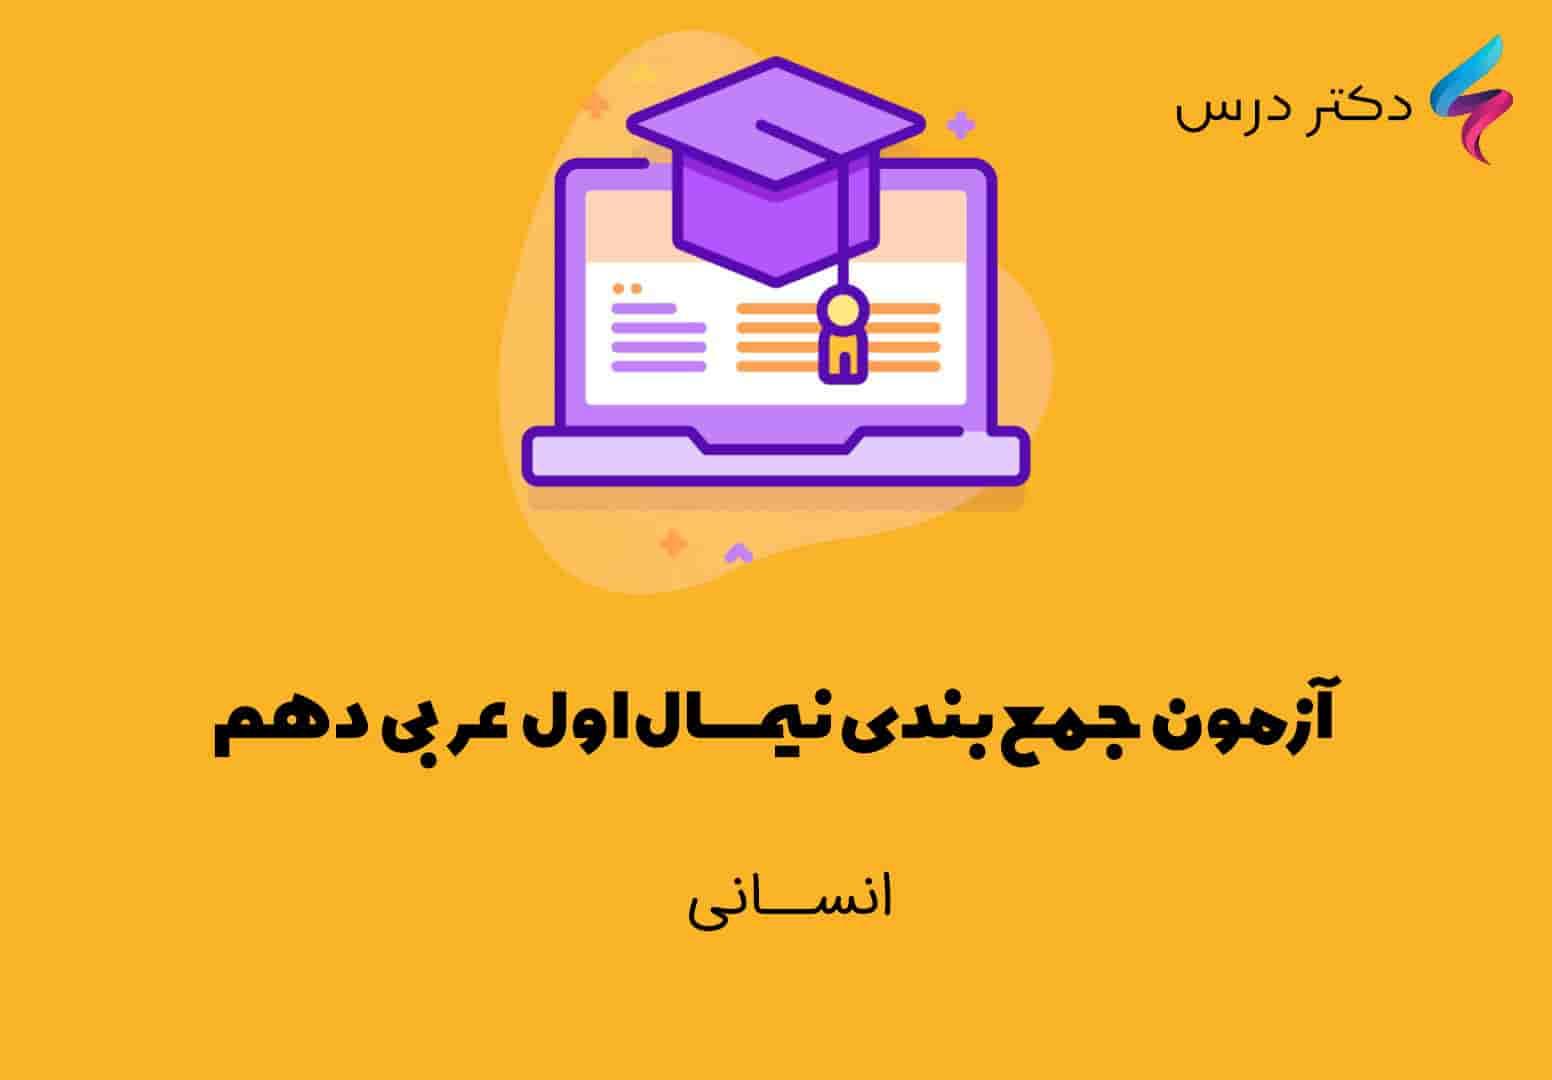 آزمون نیمسالاول عربی دهم انسانی